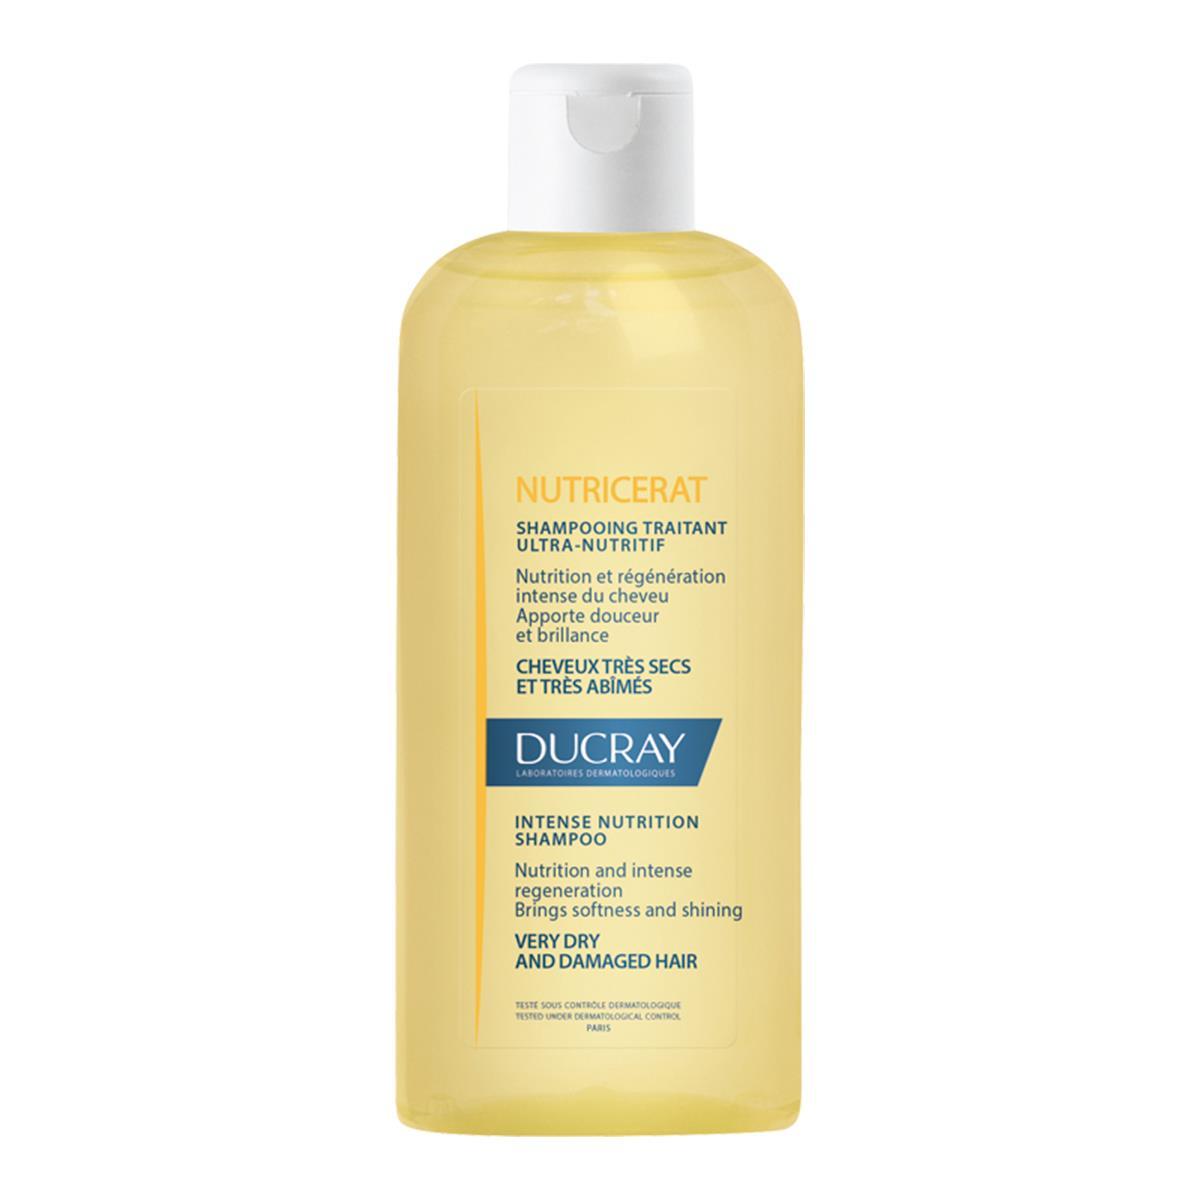 Ducray Nutricerat Shampoo Para Cabello Seco Y Puntas Abiertas 200Ml